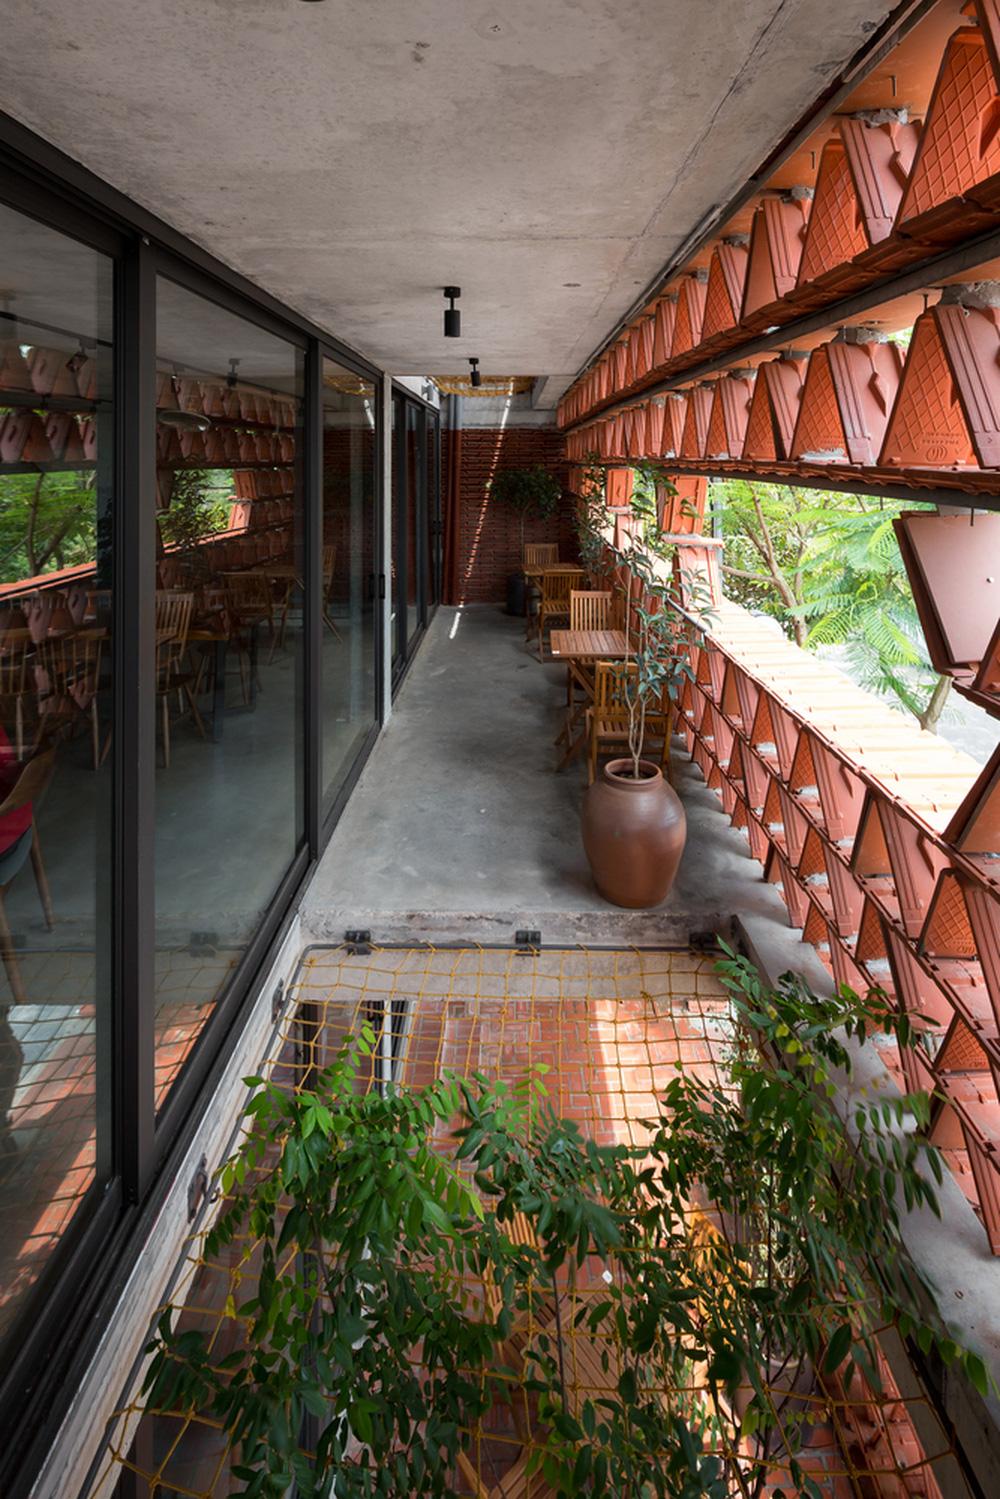 Quán cà phê lấy cảm hứng từ cành cây và hang động của người tiền sử ở Hà Nội đẹp lạ trên báo Mỹ - ảnh 3